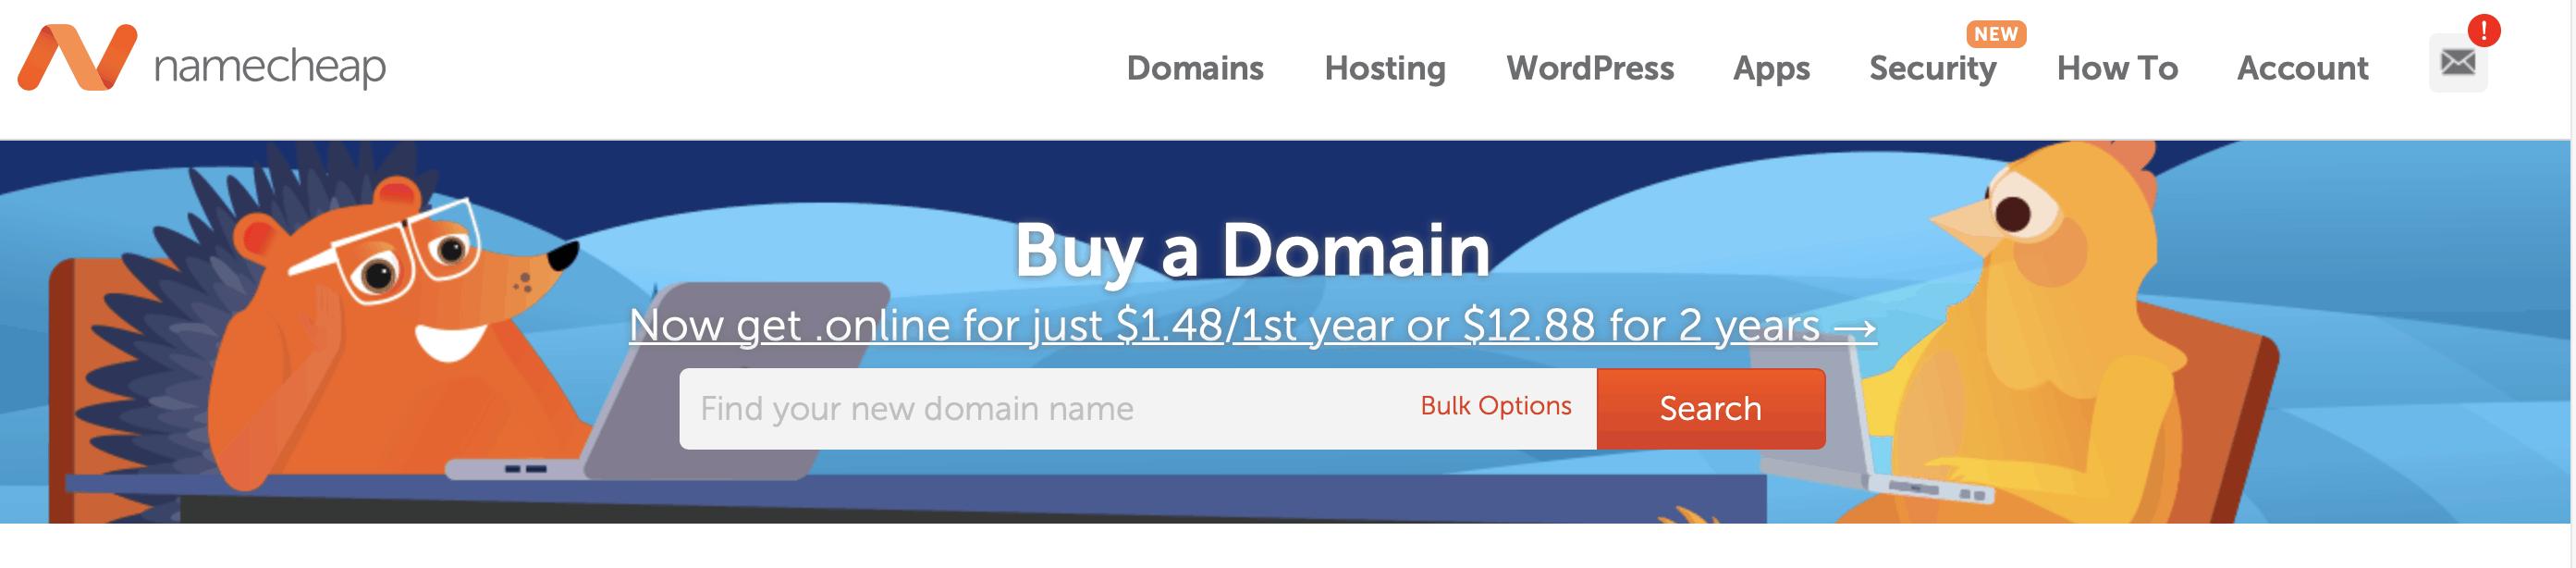 wix namecheap domain search form